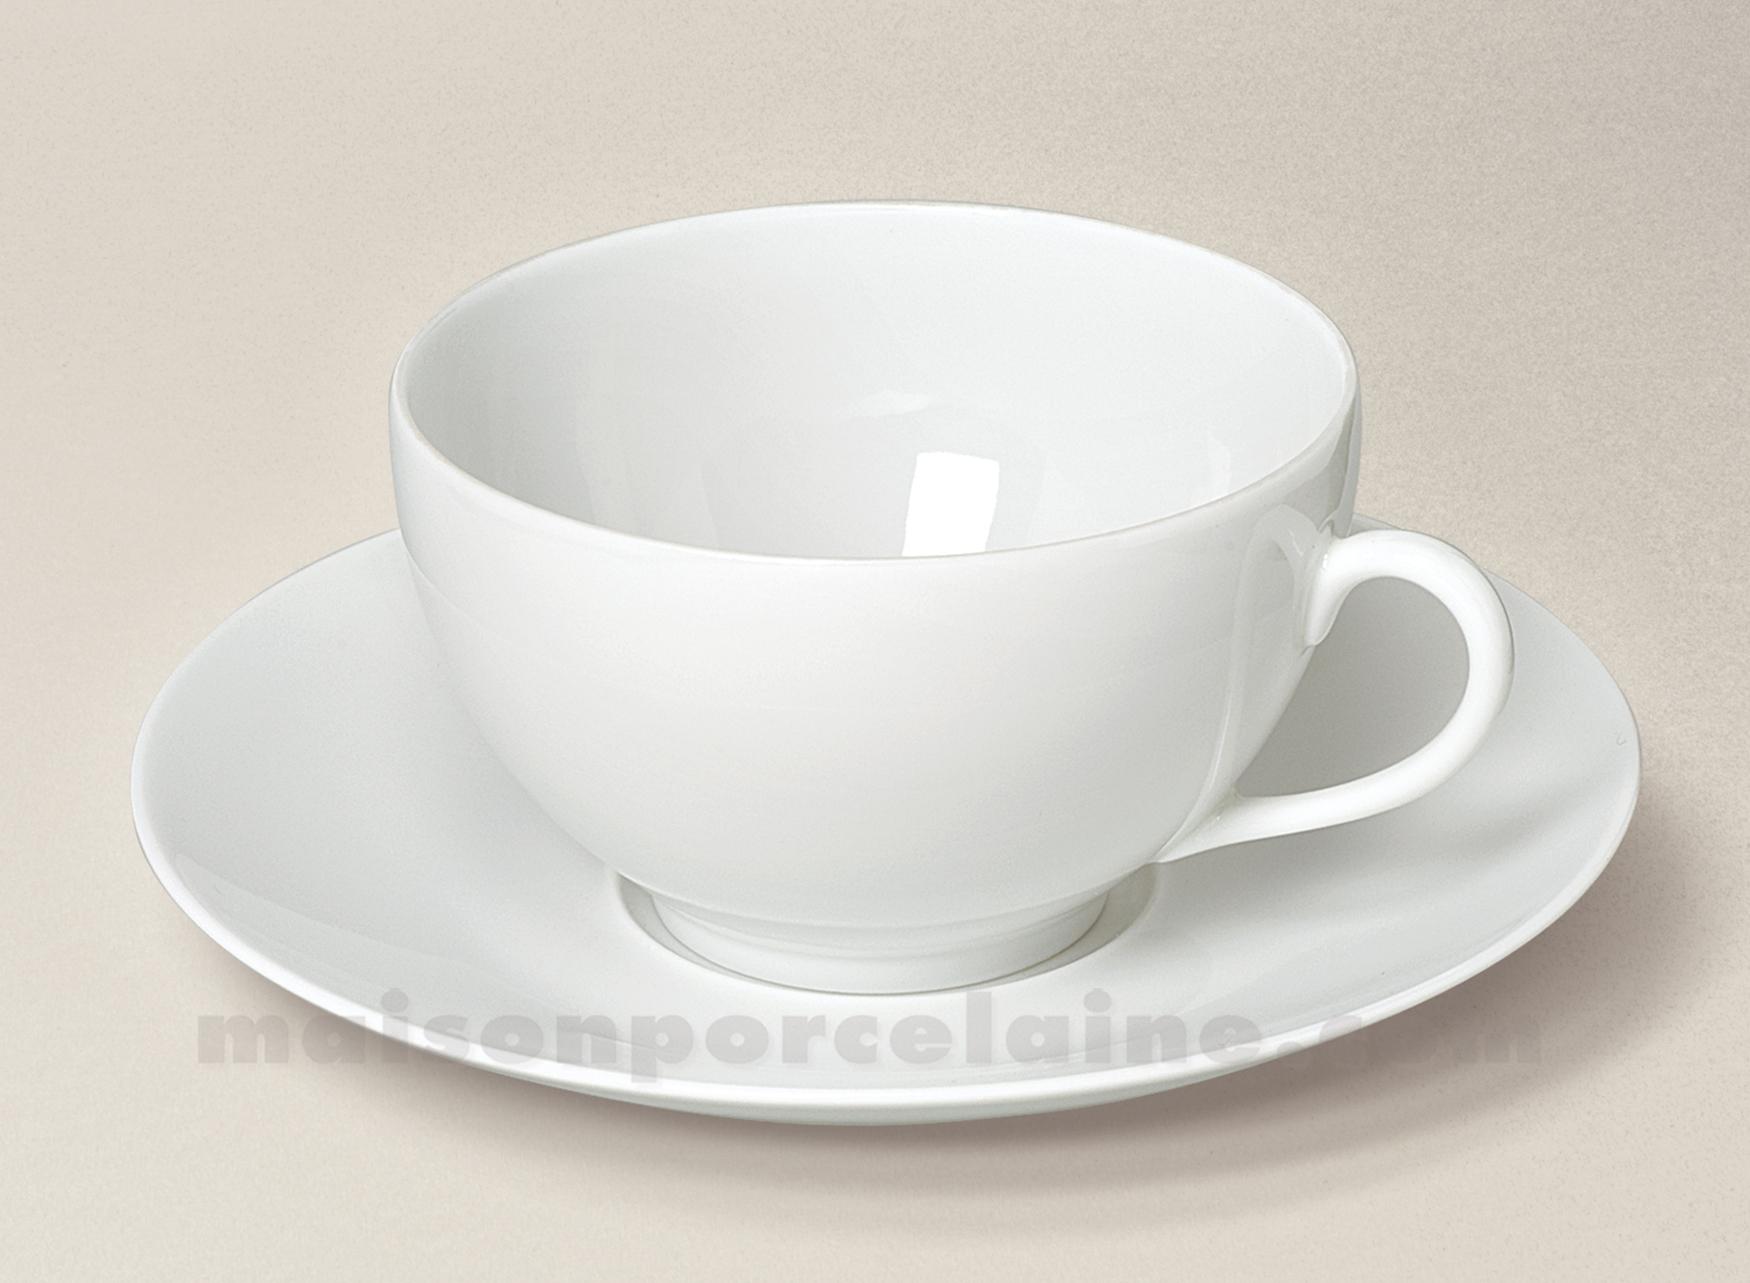 tasse dejeuner soucoupe limoges porcelaine blanche envie 35cl maison de la porcelaine. Black Bedroom Furniture Sets. Home Design Ideas